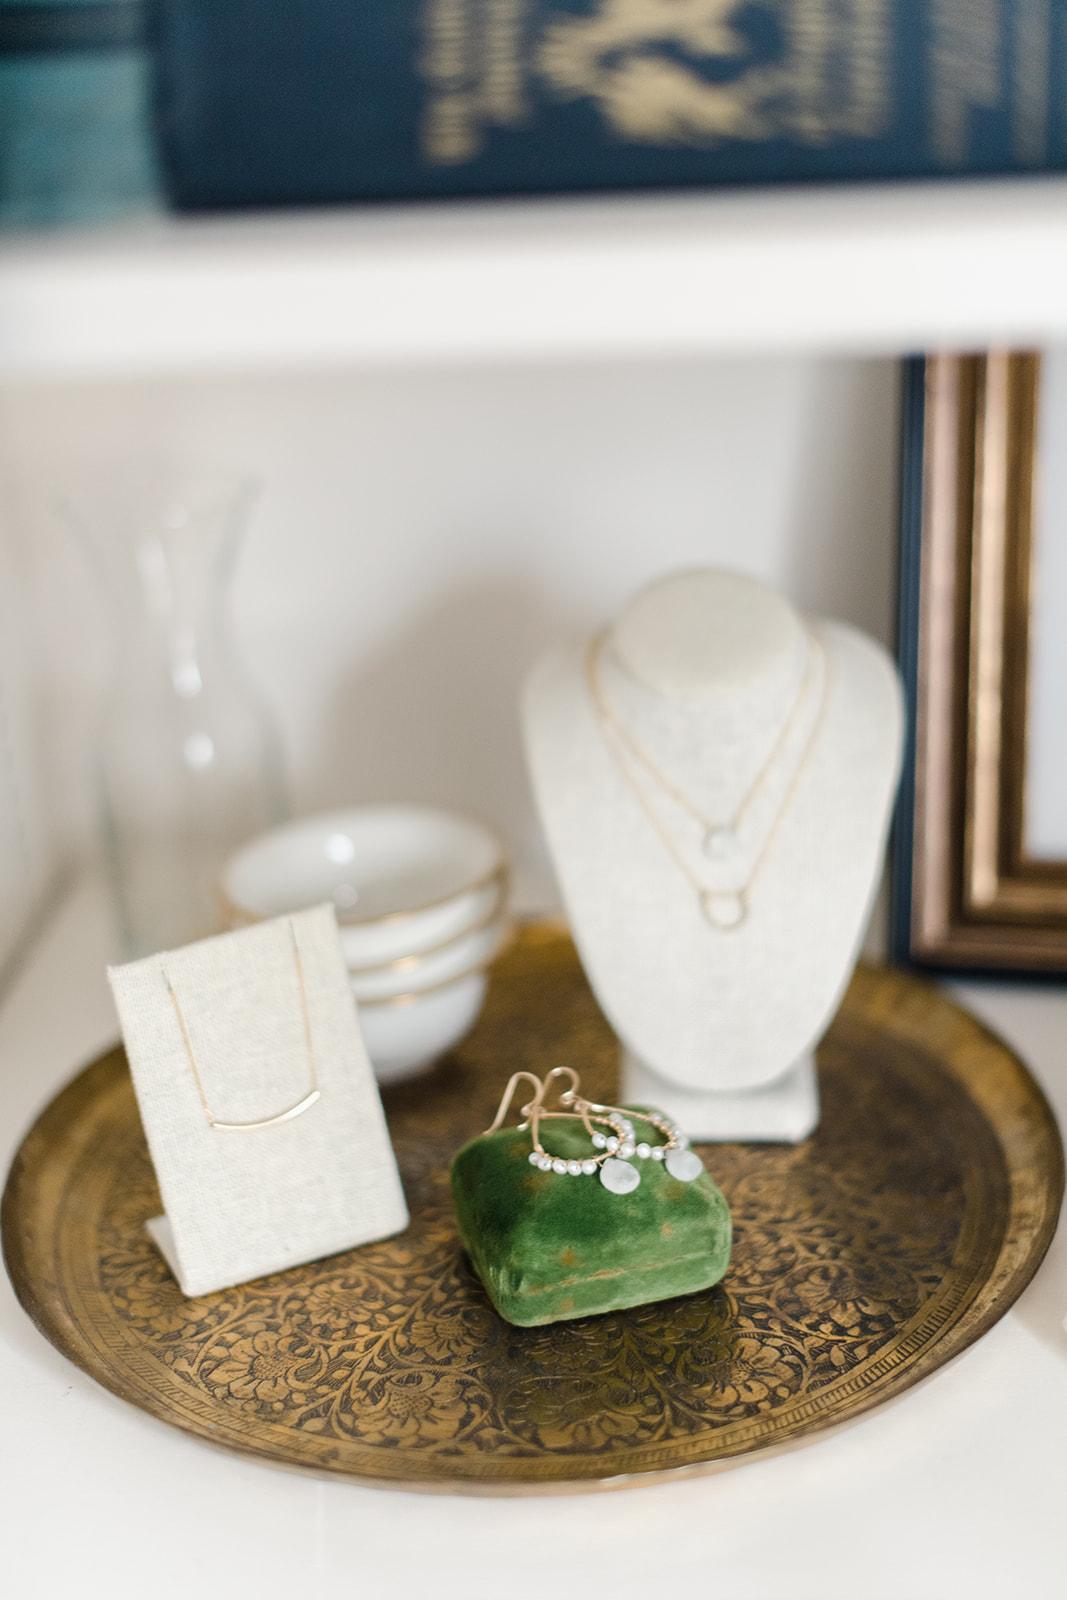 amelia-lawrence-jewelry-233.jpg